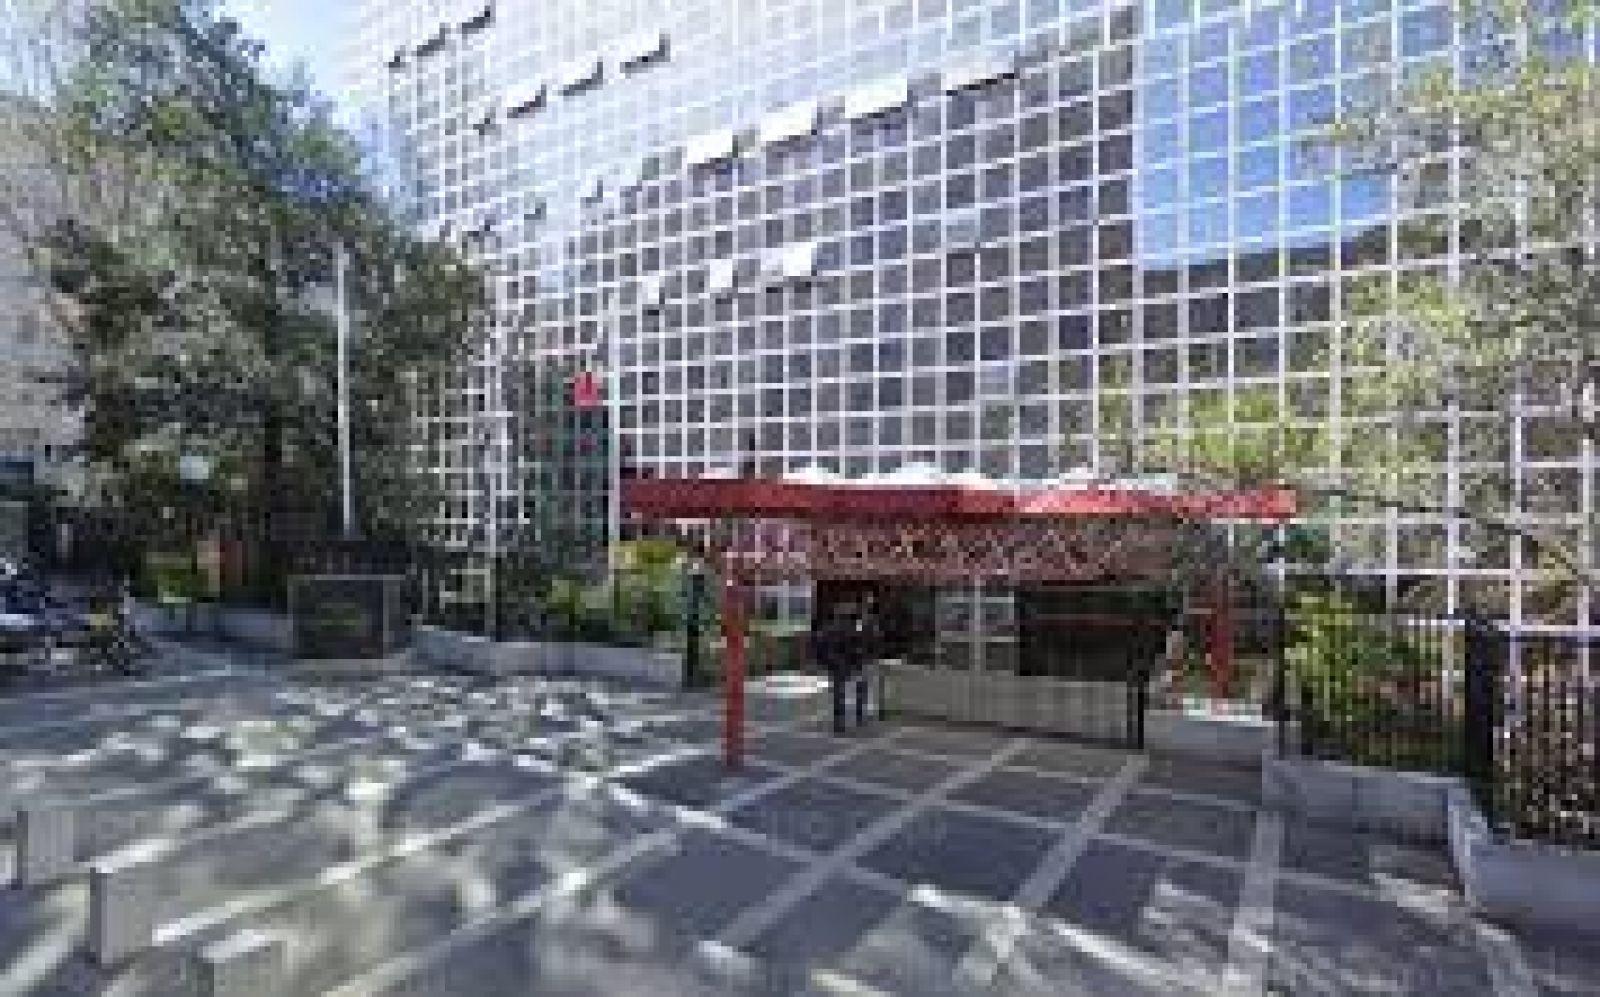 Tribunal de grande instance palais de justice marseille avocat en droit p nal marseille - Tribunal d instance salon de provence ...